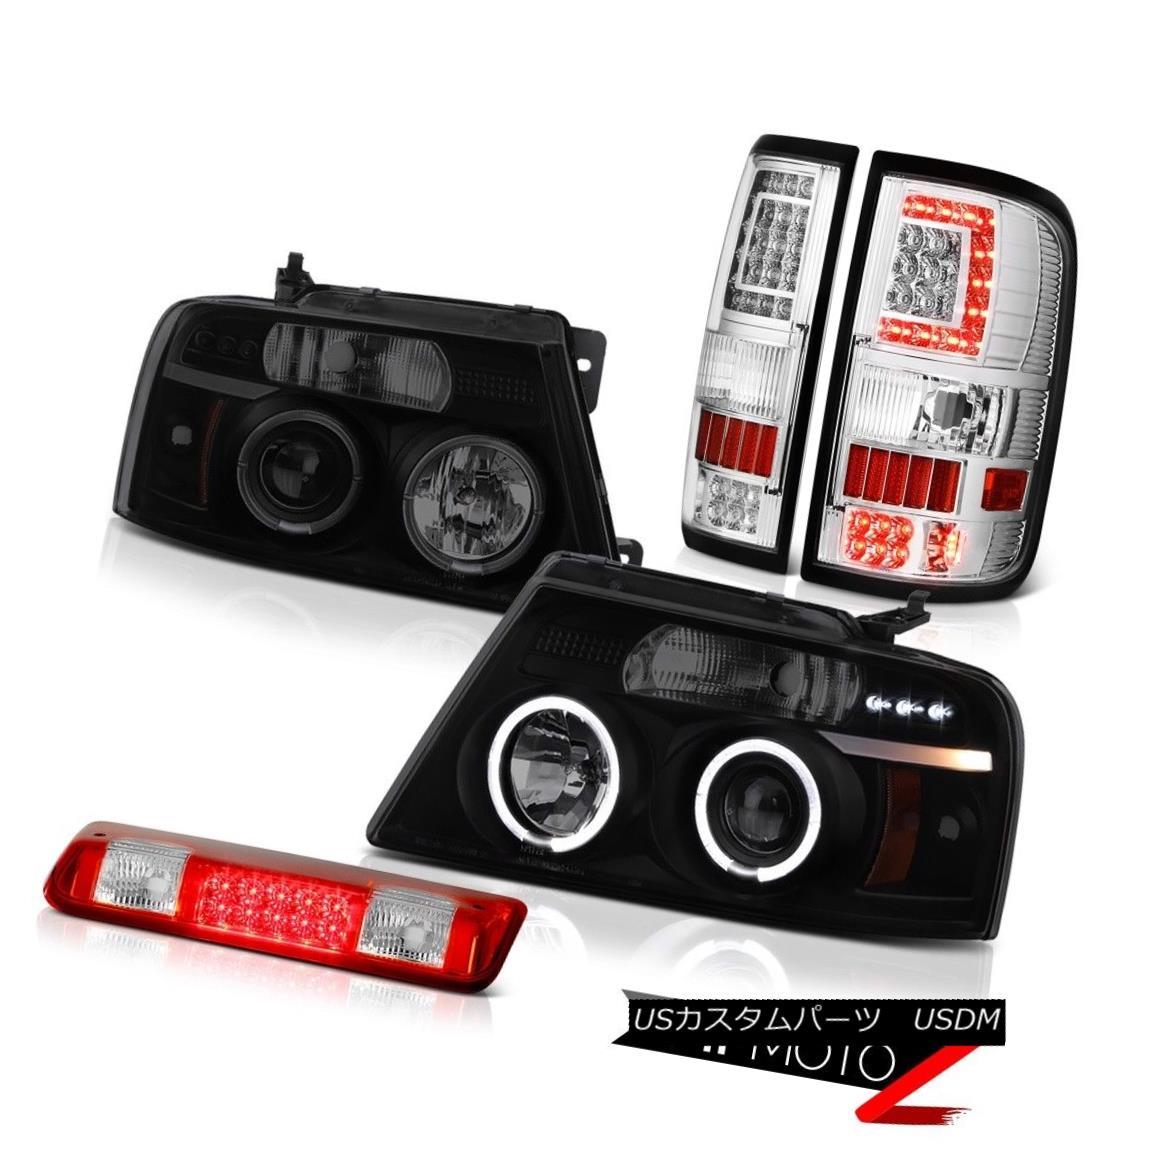 テールライト 04 05-08 Ford F150 Tail Lamps Rosso Red Led 3Rd Brake Custom Head Pair L+R LH+RH 04 05-08フォードF150テールランプロッソレッド3RdブレーキカスタムヘッドペアL + R LH + RH